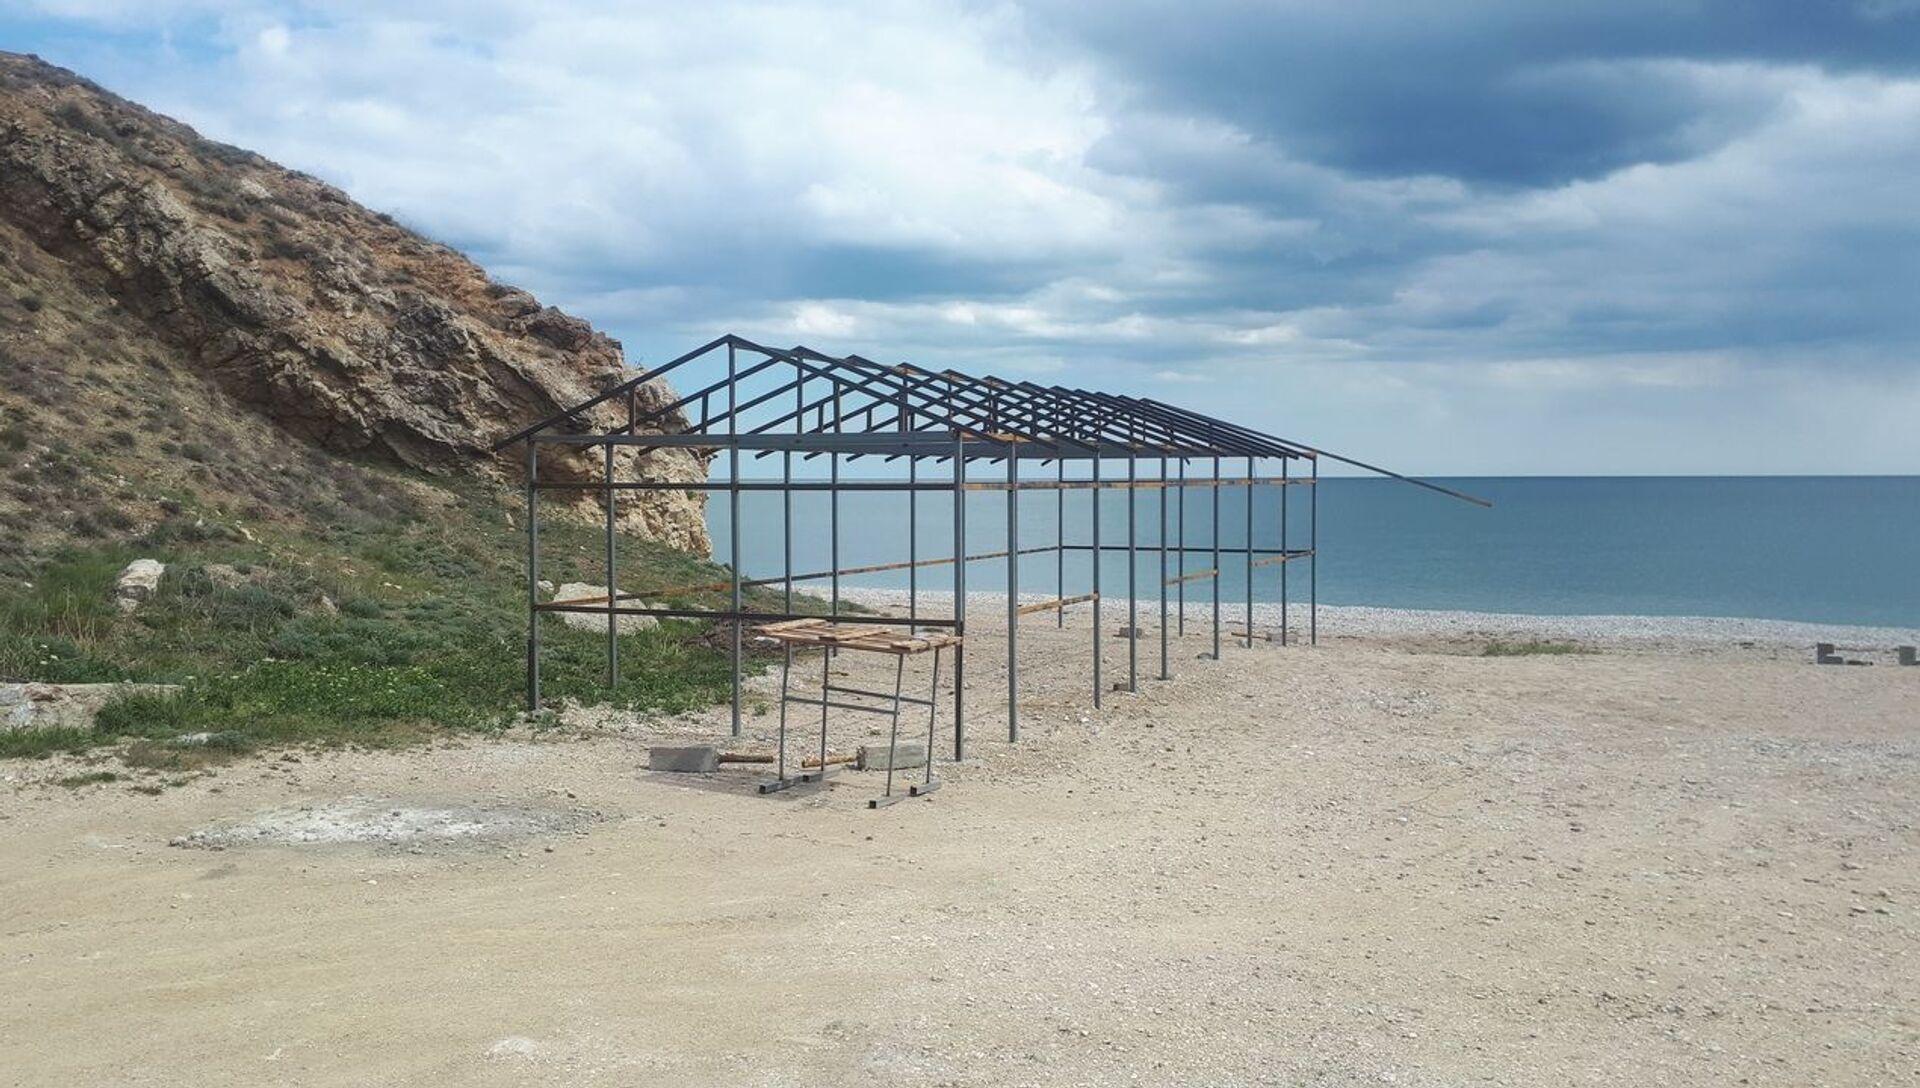 Несчастный пляж Коктебеля: почему в Крыму строят у воды - РИА Новости, 1920, 25.04.2020